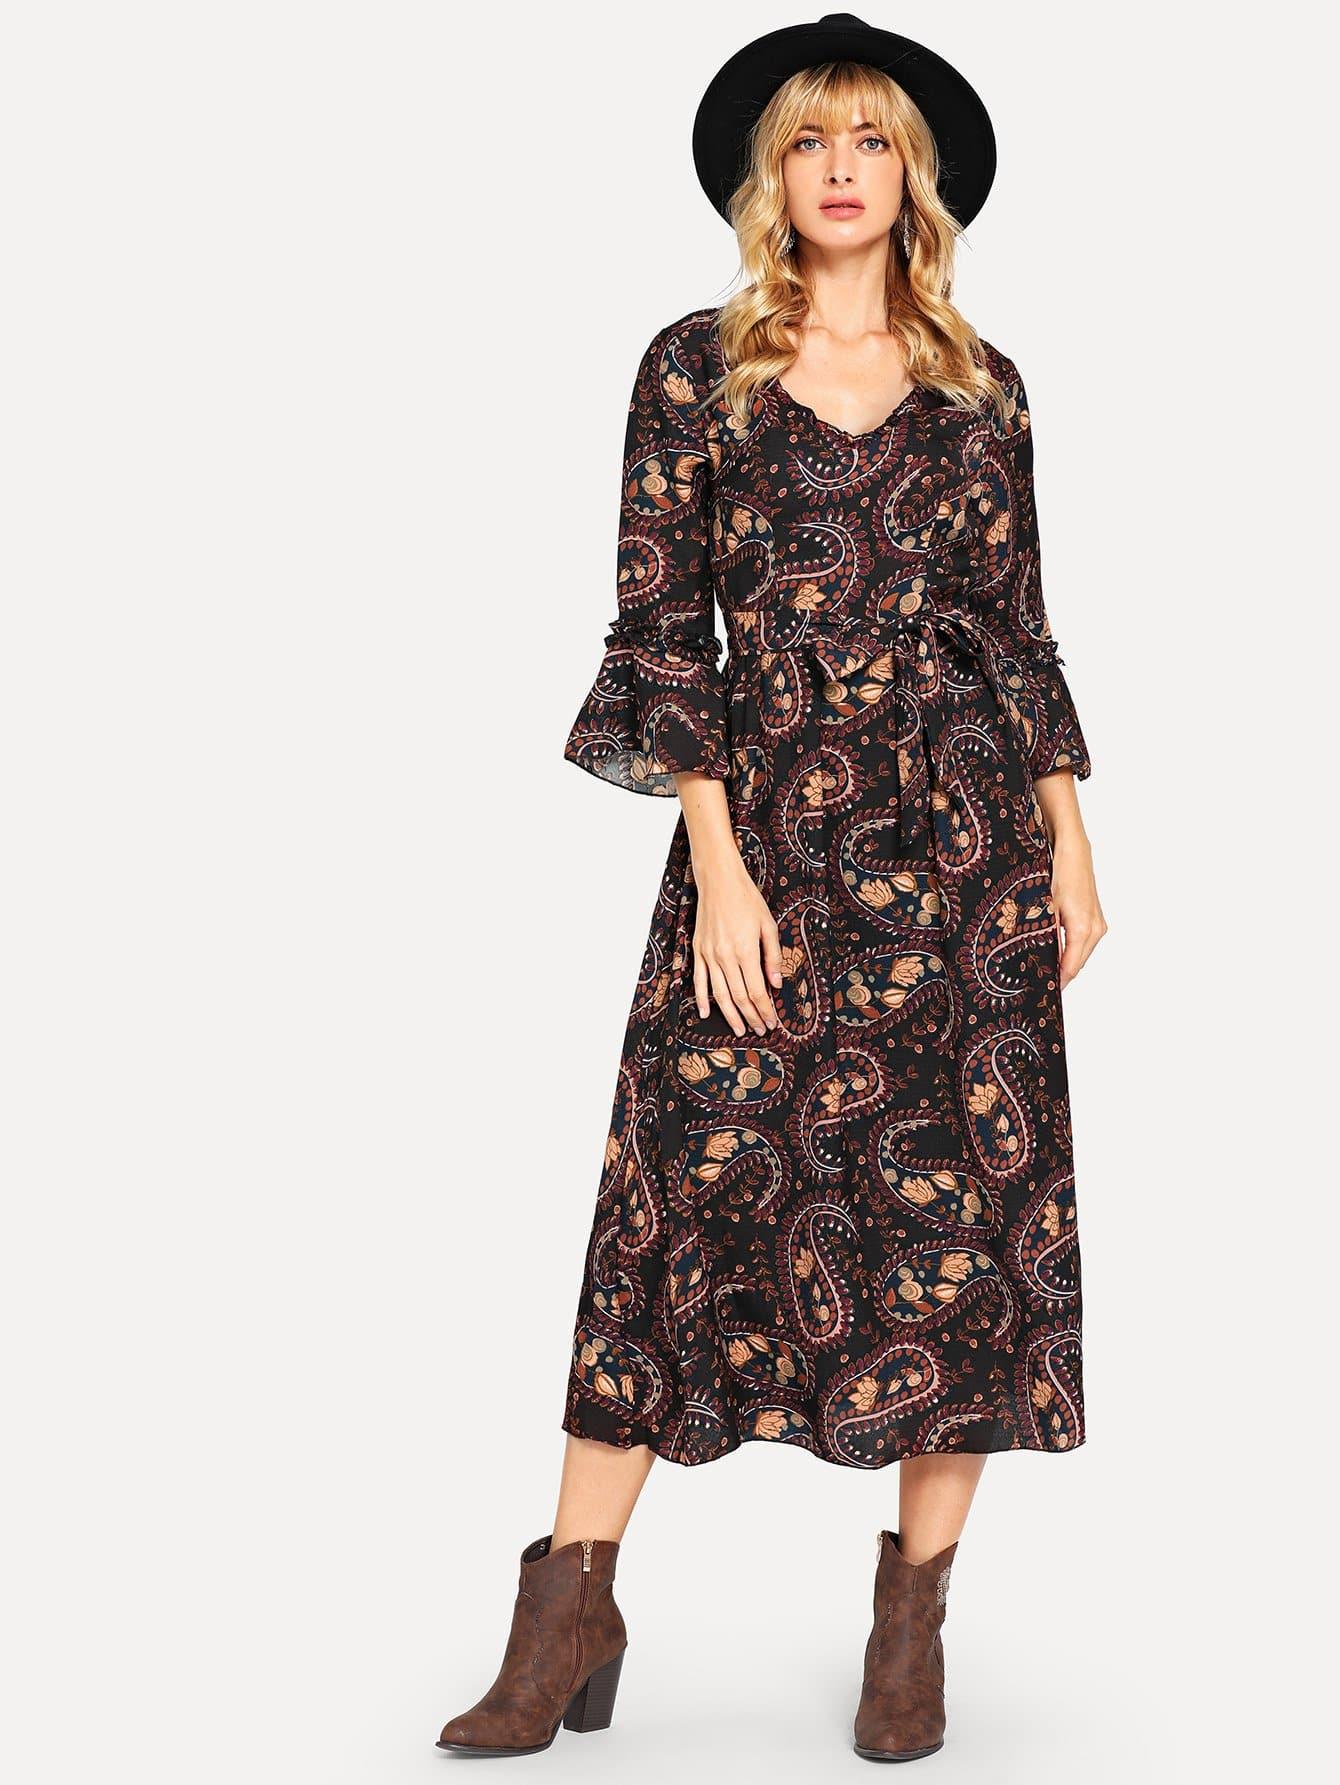 Купить Платье для печати флиса Пейсли, Masha, SheIn